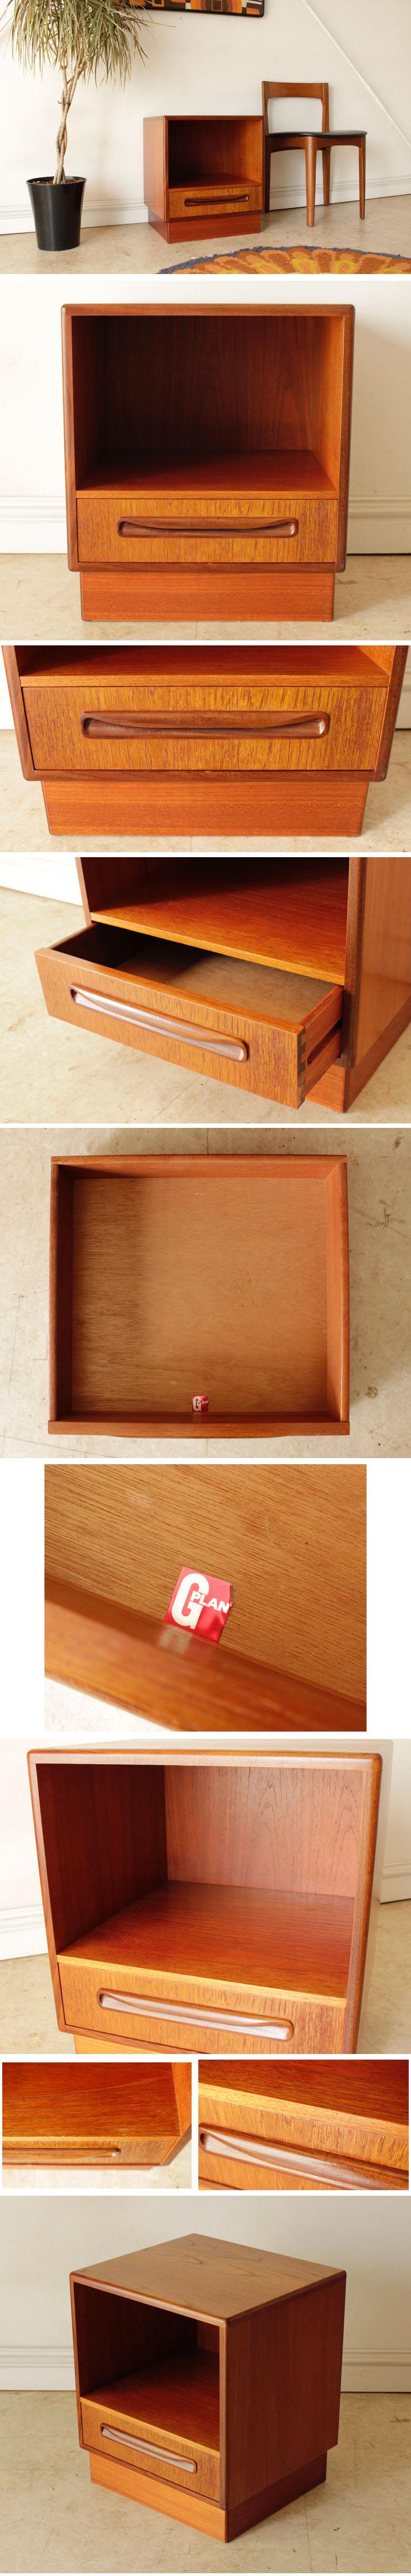 ジープラン・G-plan・キャビネット・サイドテーブル・チーク・収納・フレスコ・イギリス・ビンテージ・アンティーク・北欧